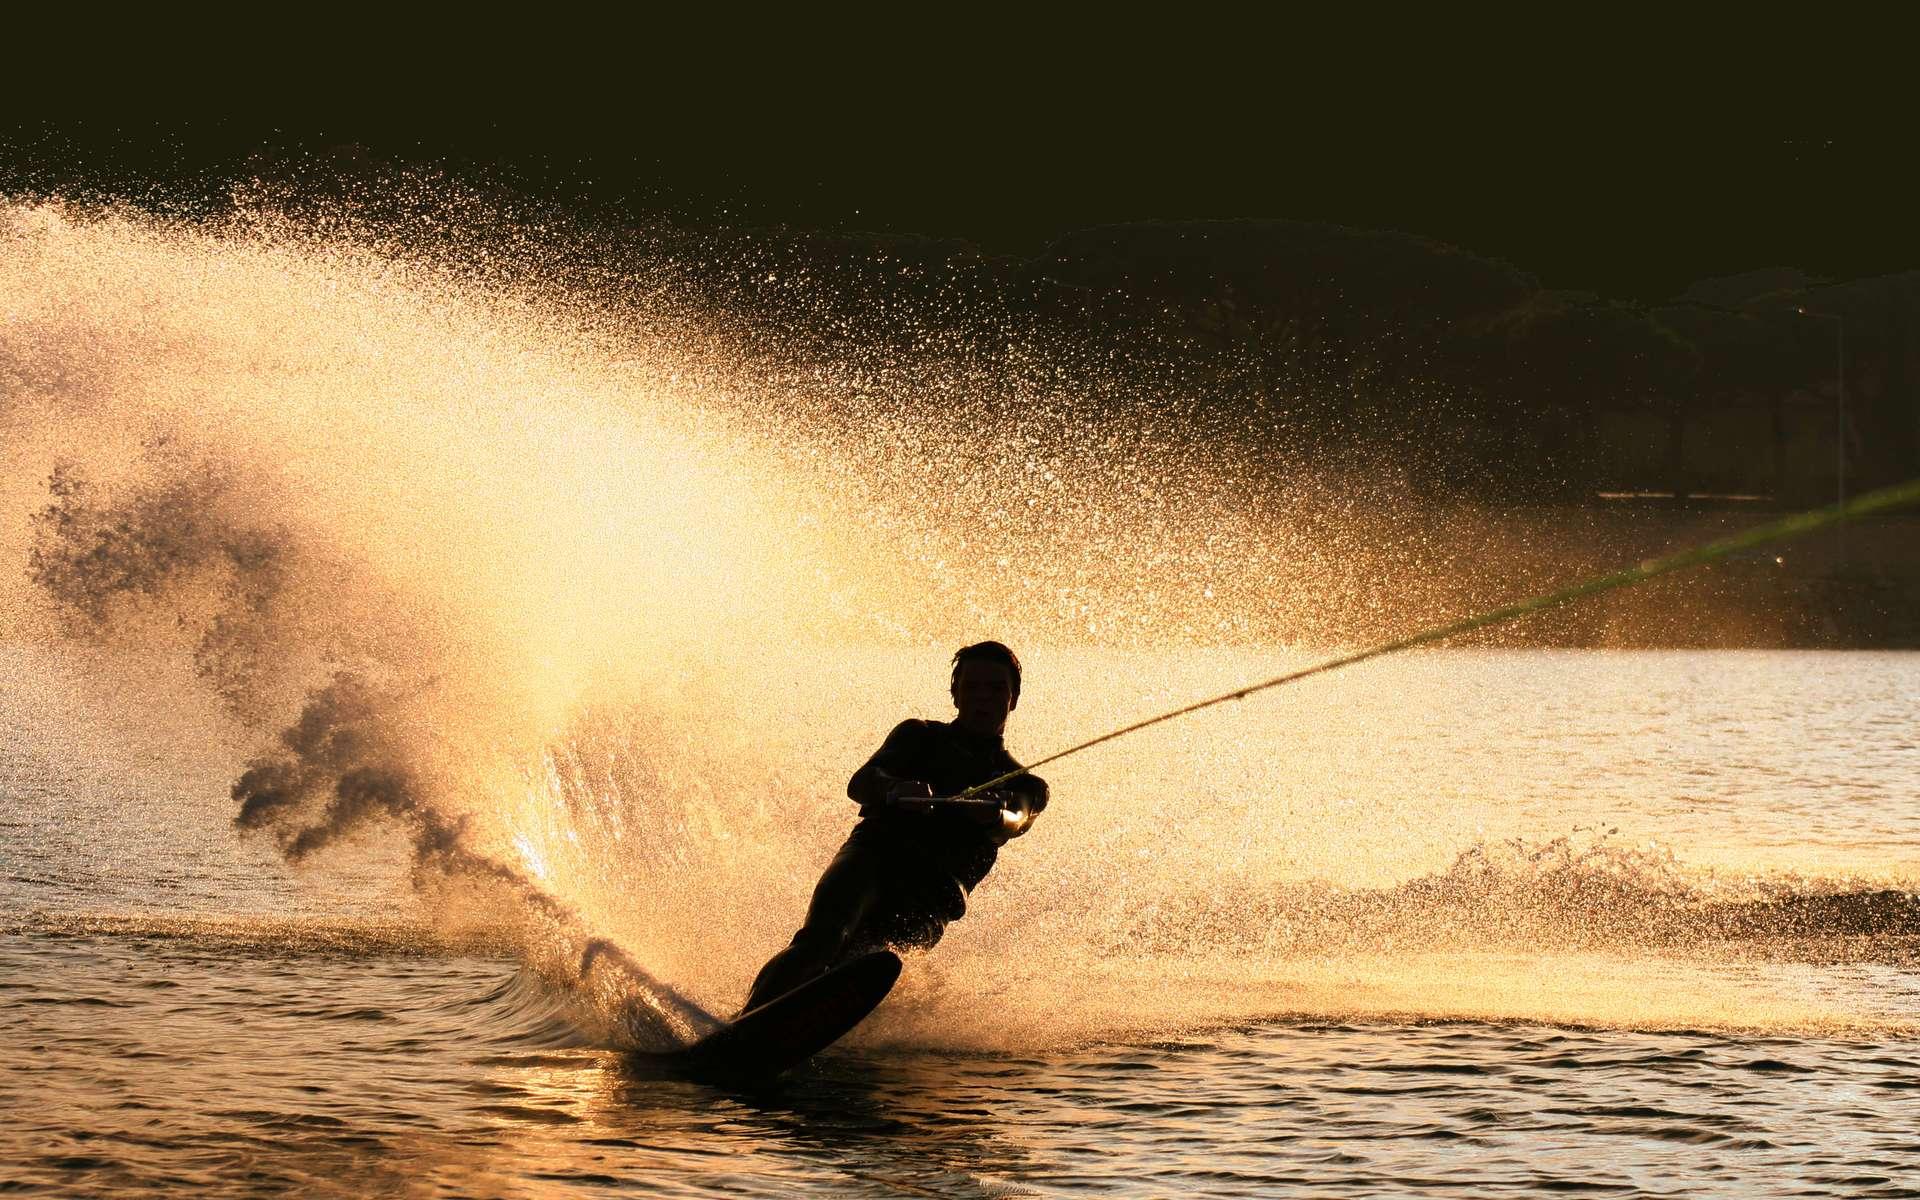 Une chute à ski nautique peut provoquer le syndrome du canadair. © Fotolia